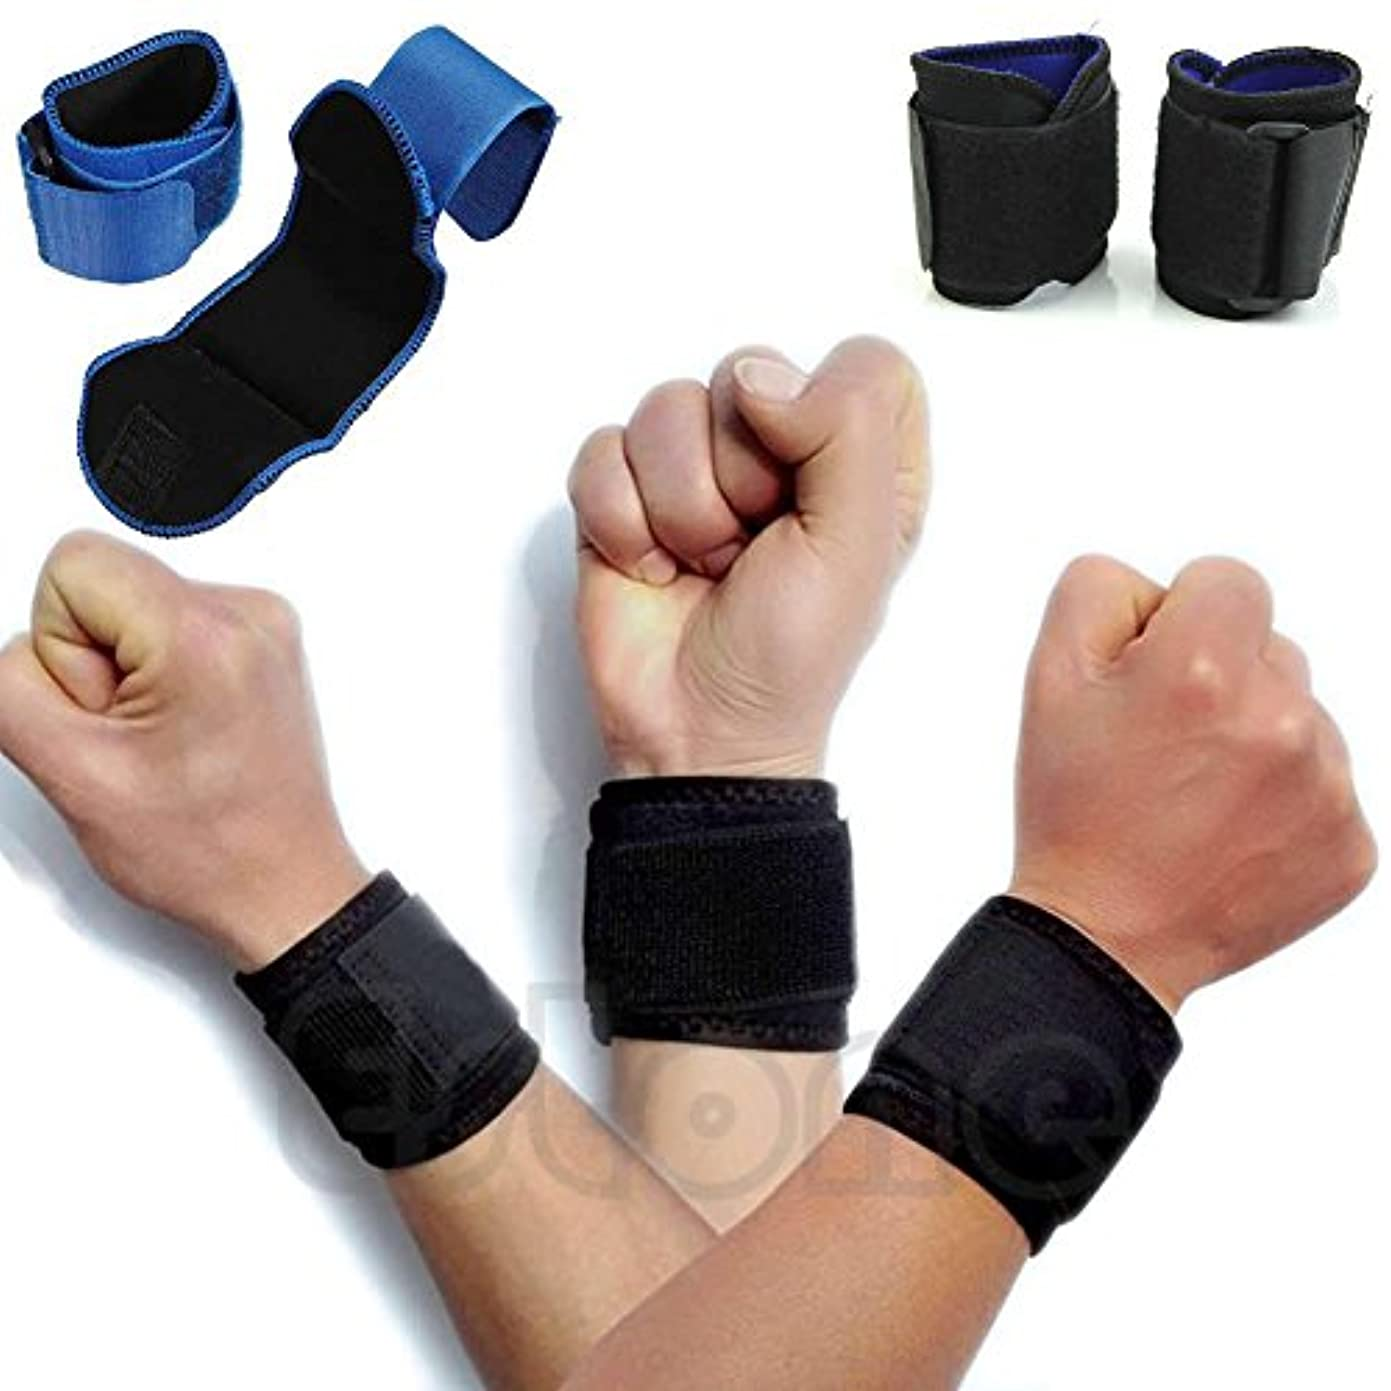 ぴったり以下コットン新 調節可 スポーツ用 手首 巻き付け 包帯 ジム支援 締付手首バンド 1カップル